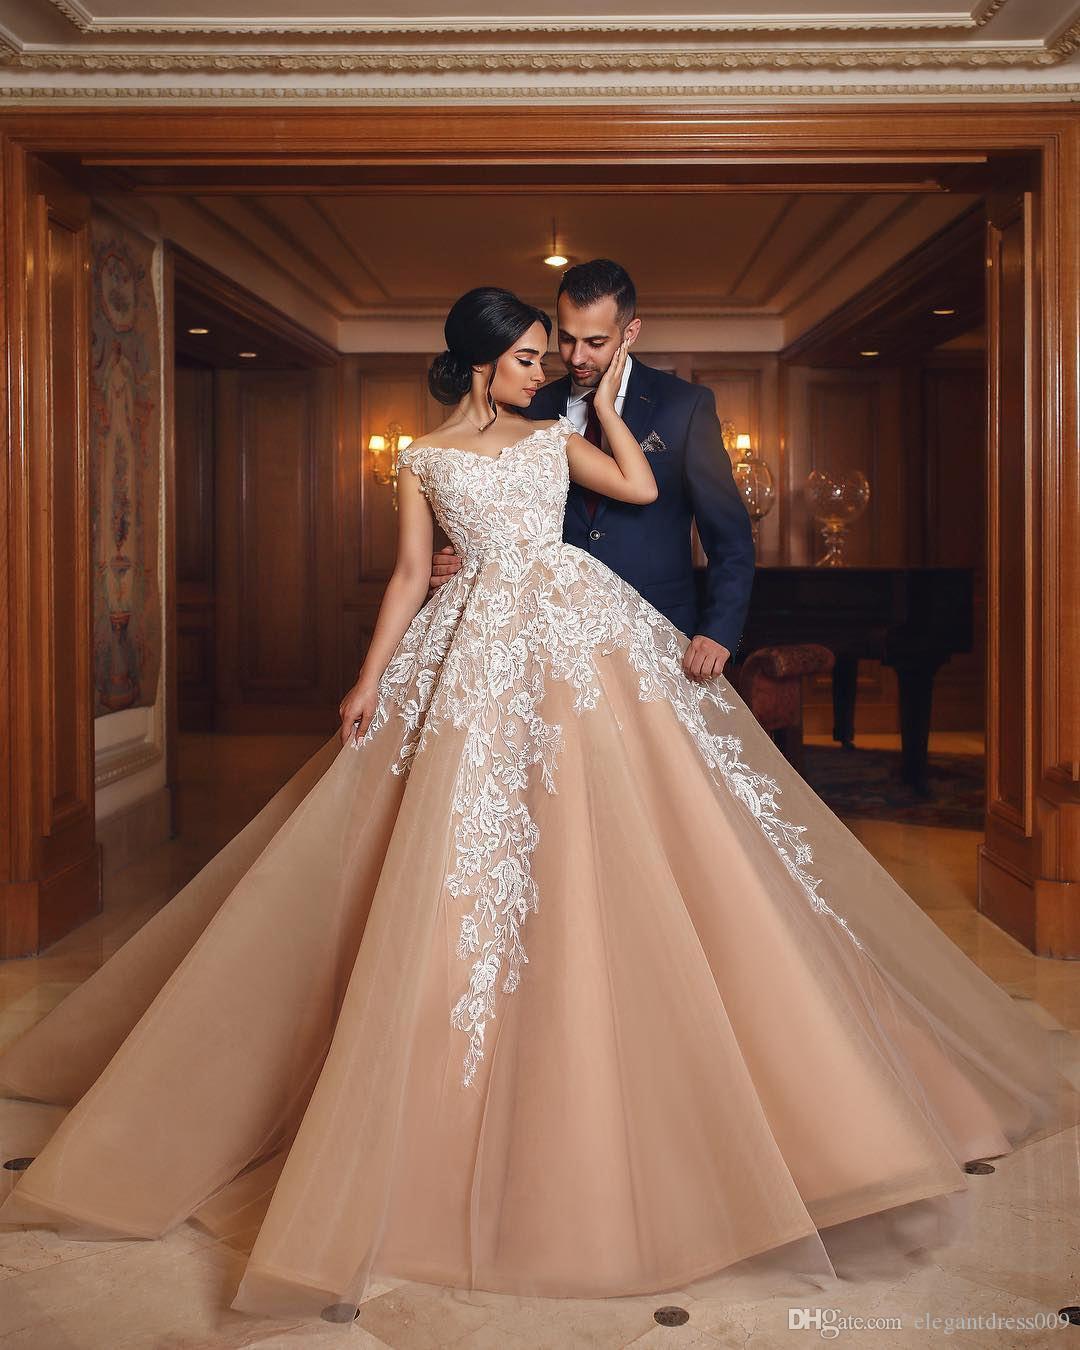 Elegante Champagne 2018 A Line Lace Prom Dresses Off spalla bianca Applique Sweep Train Abiti da sera Abito formale vestidos de fiesta